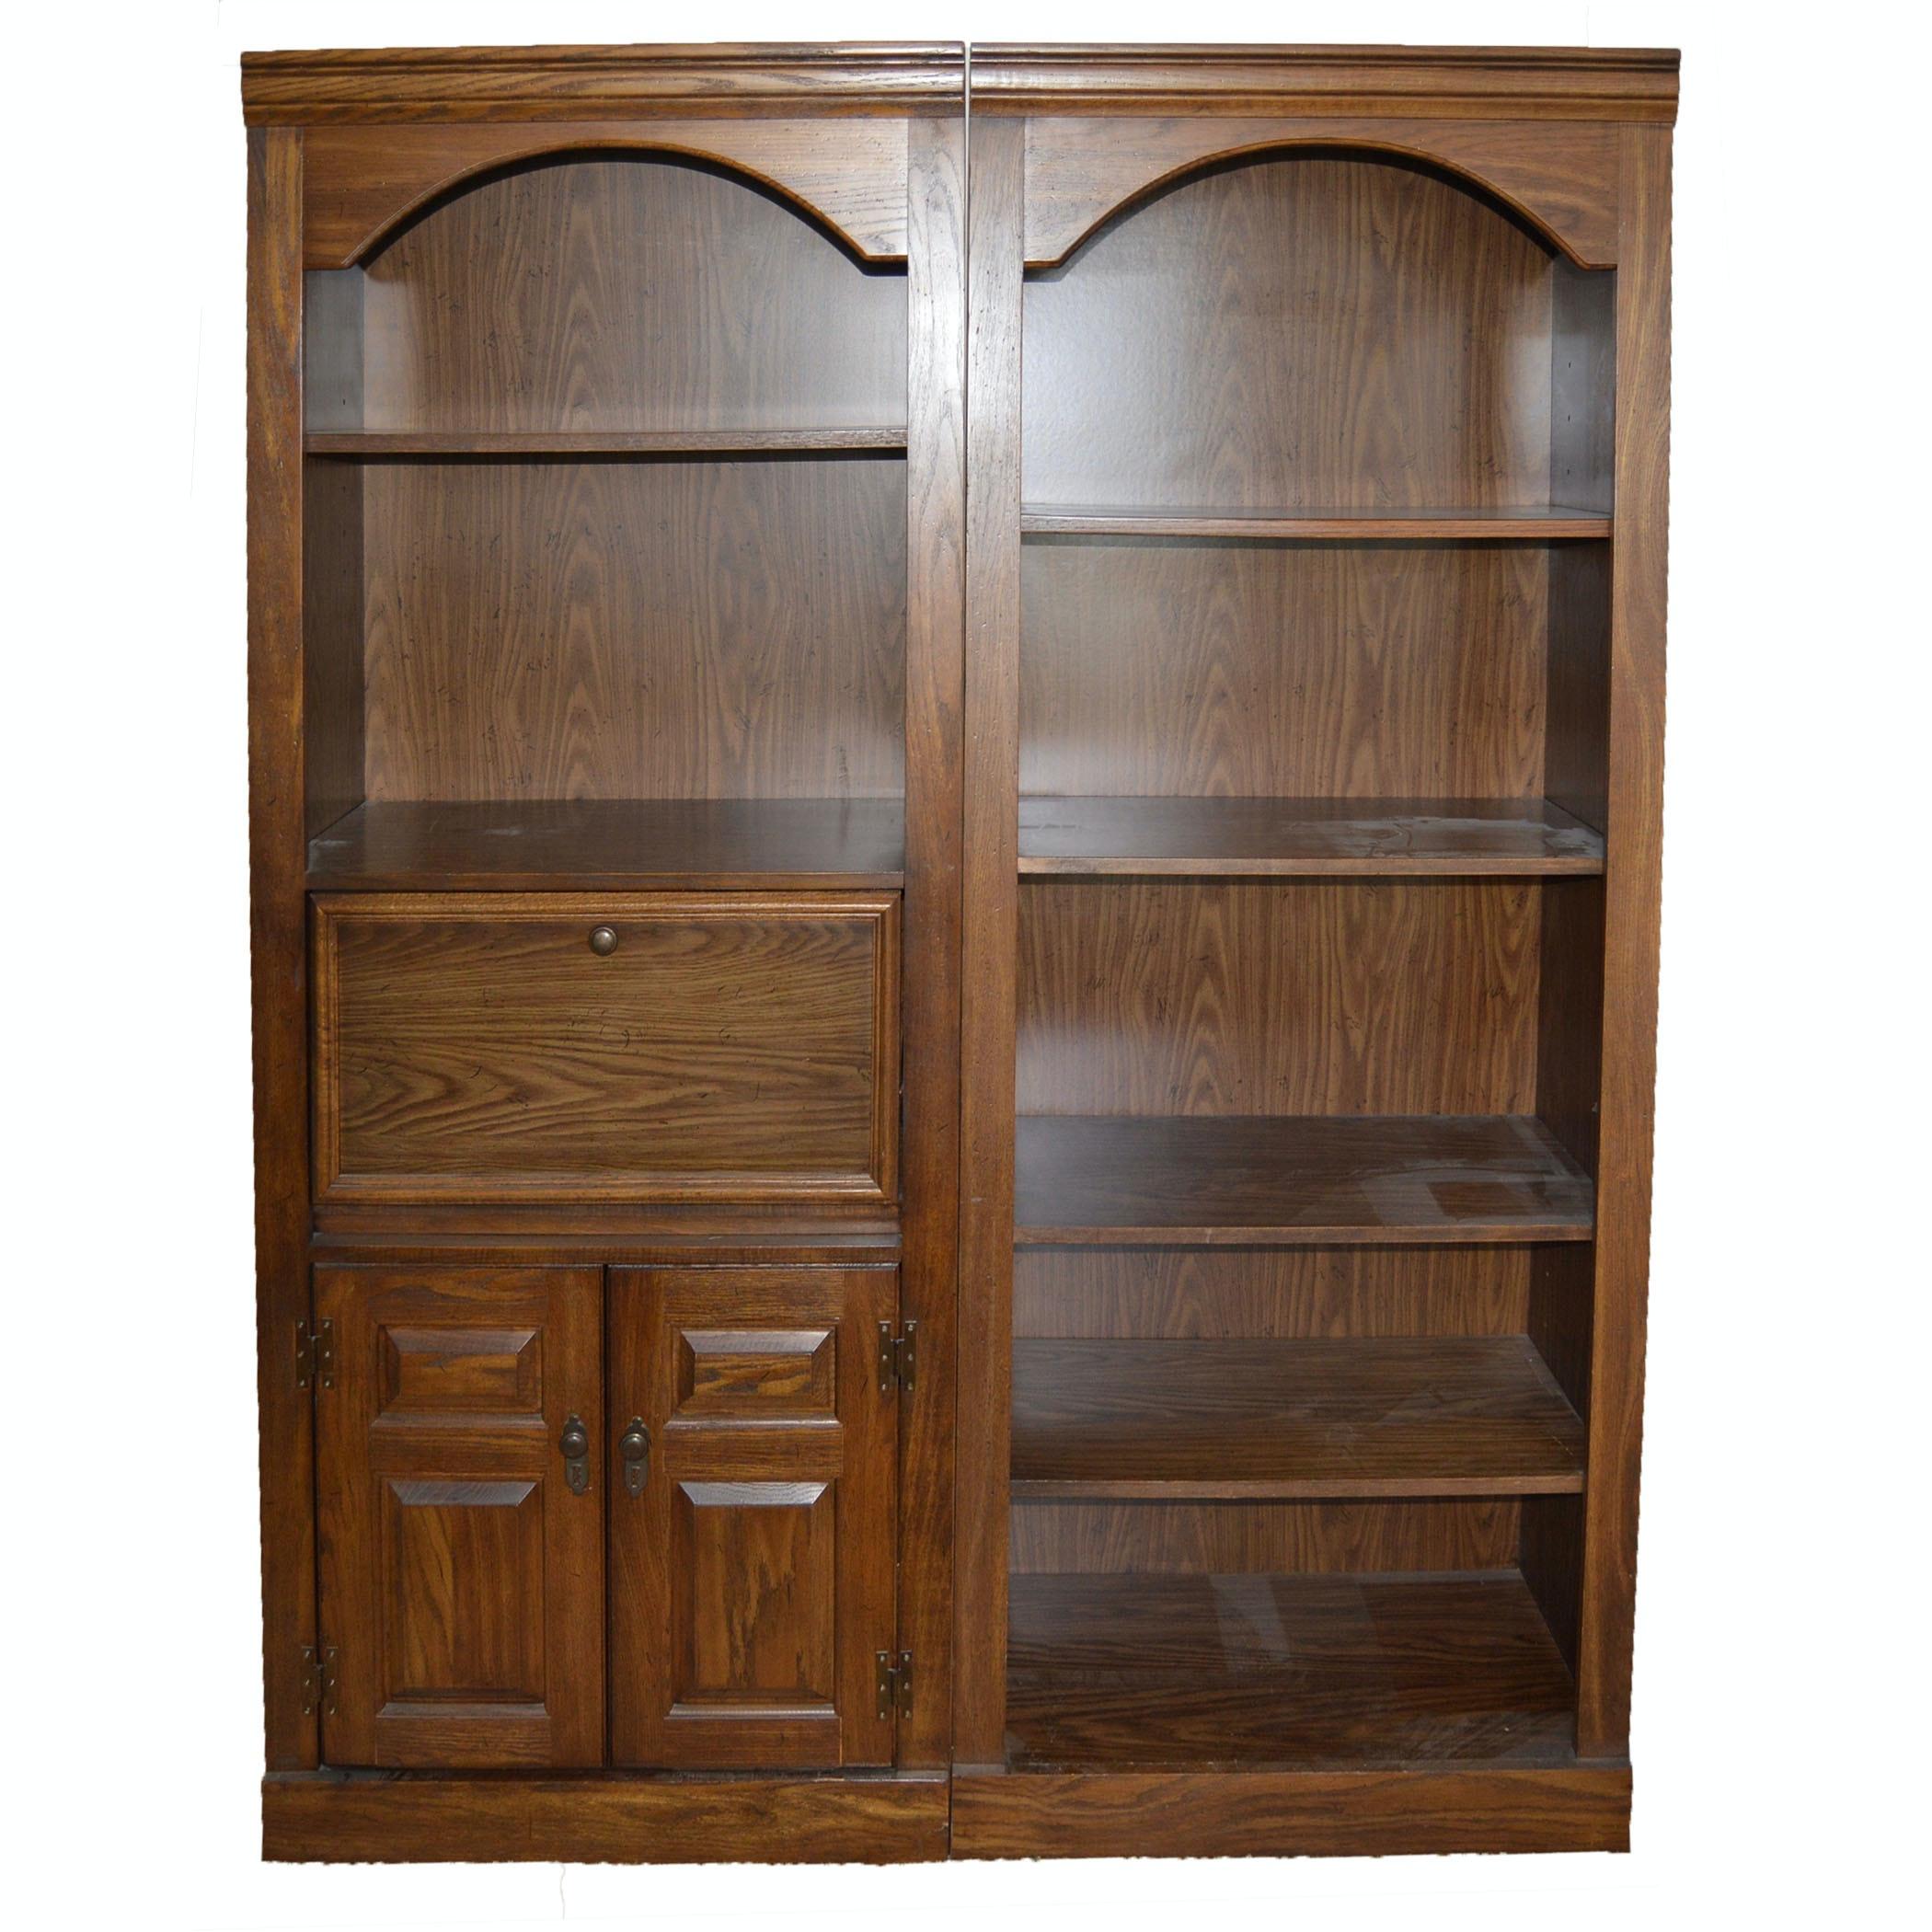 Pair of Oak Veneer Bookcases